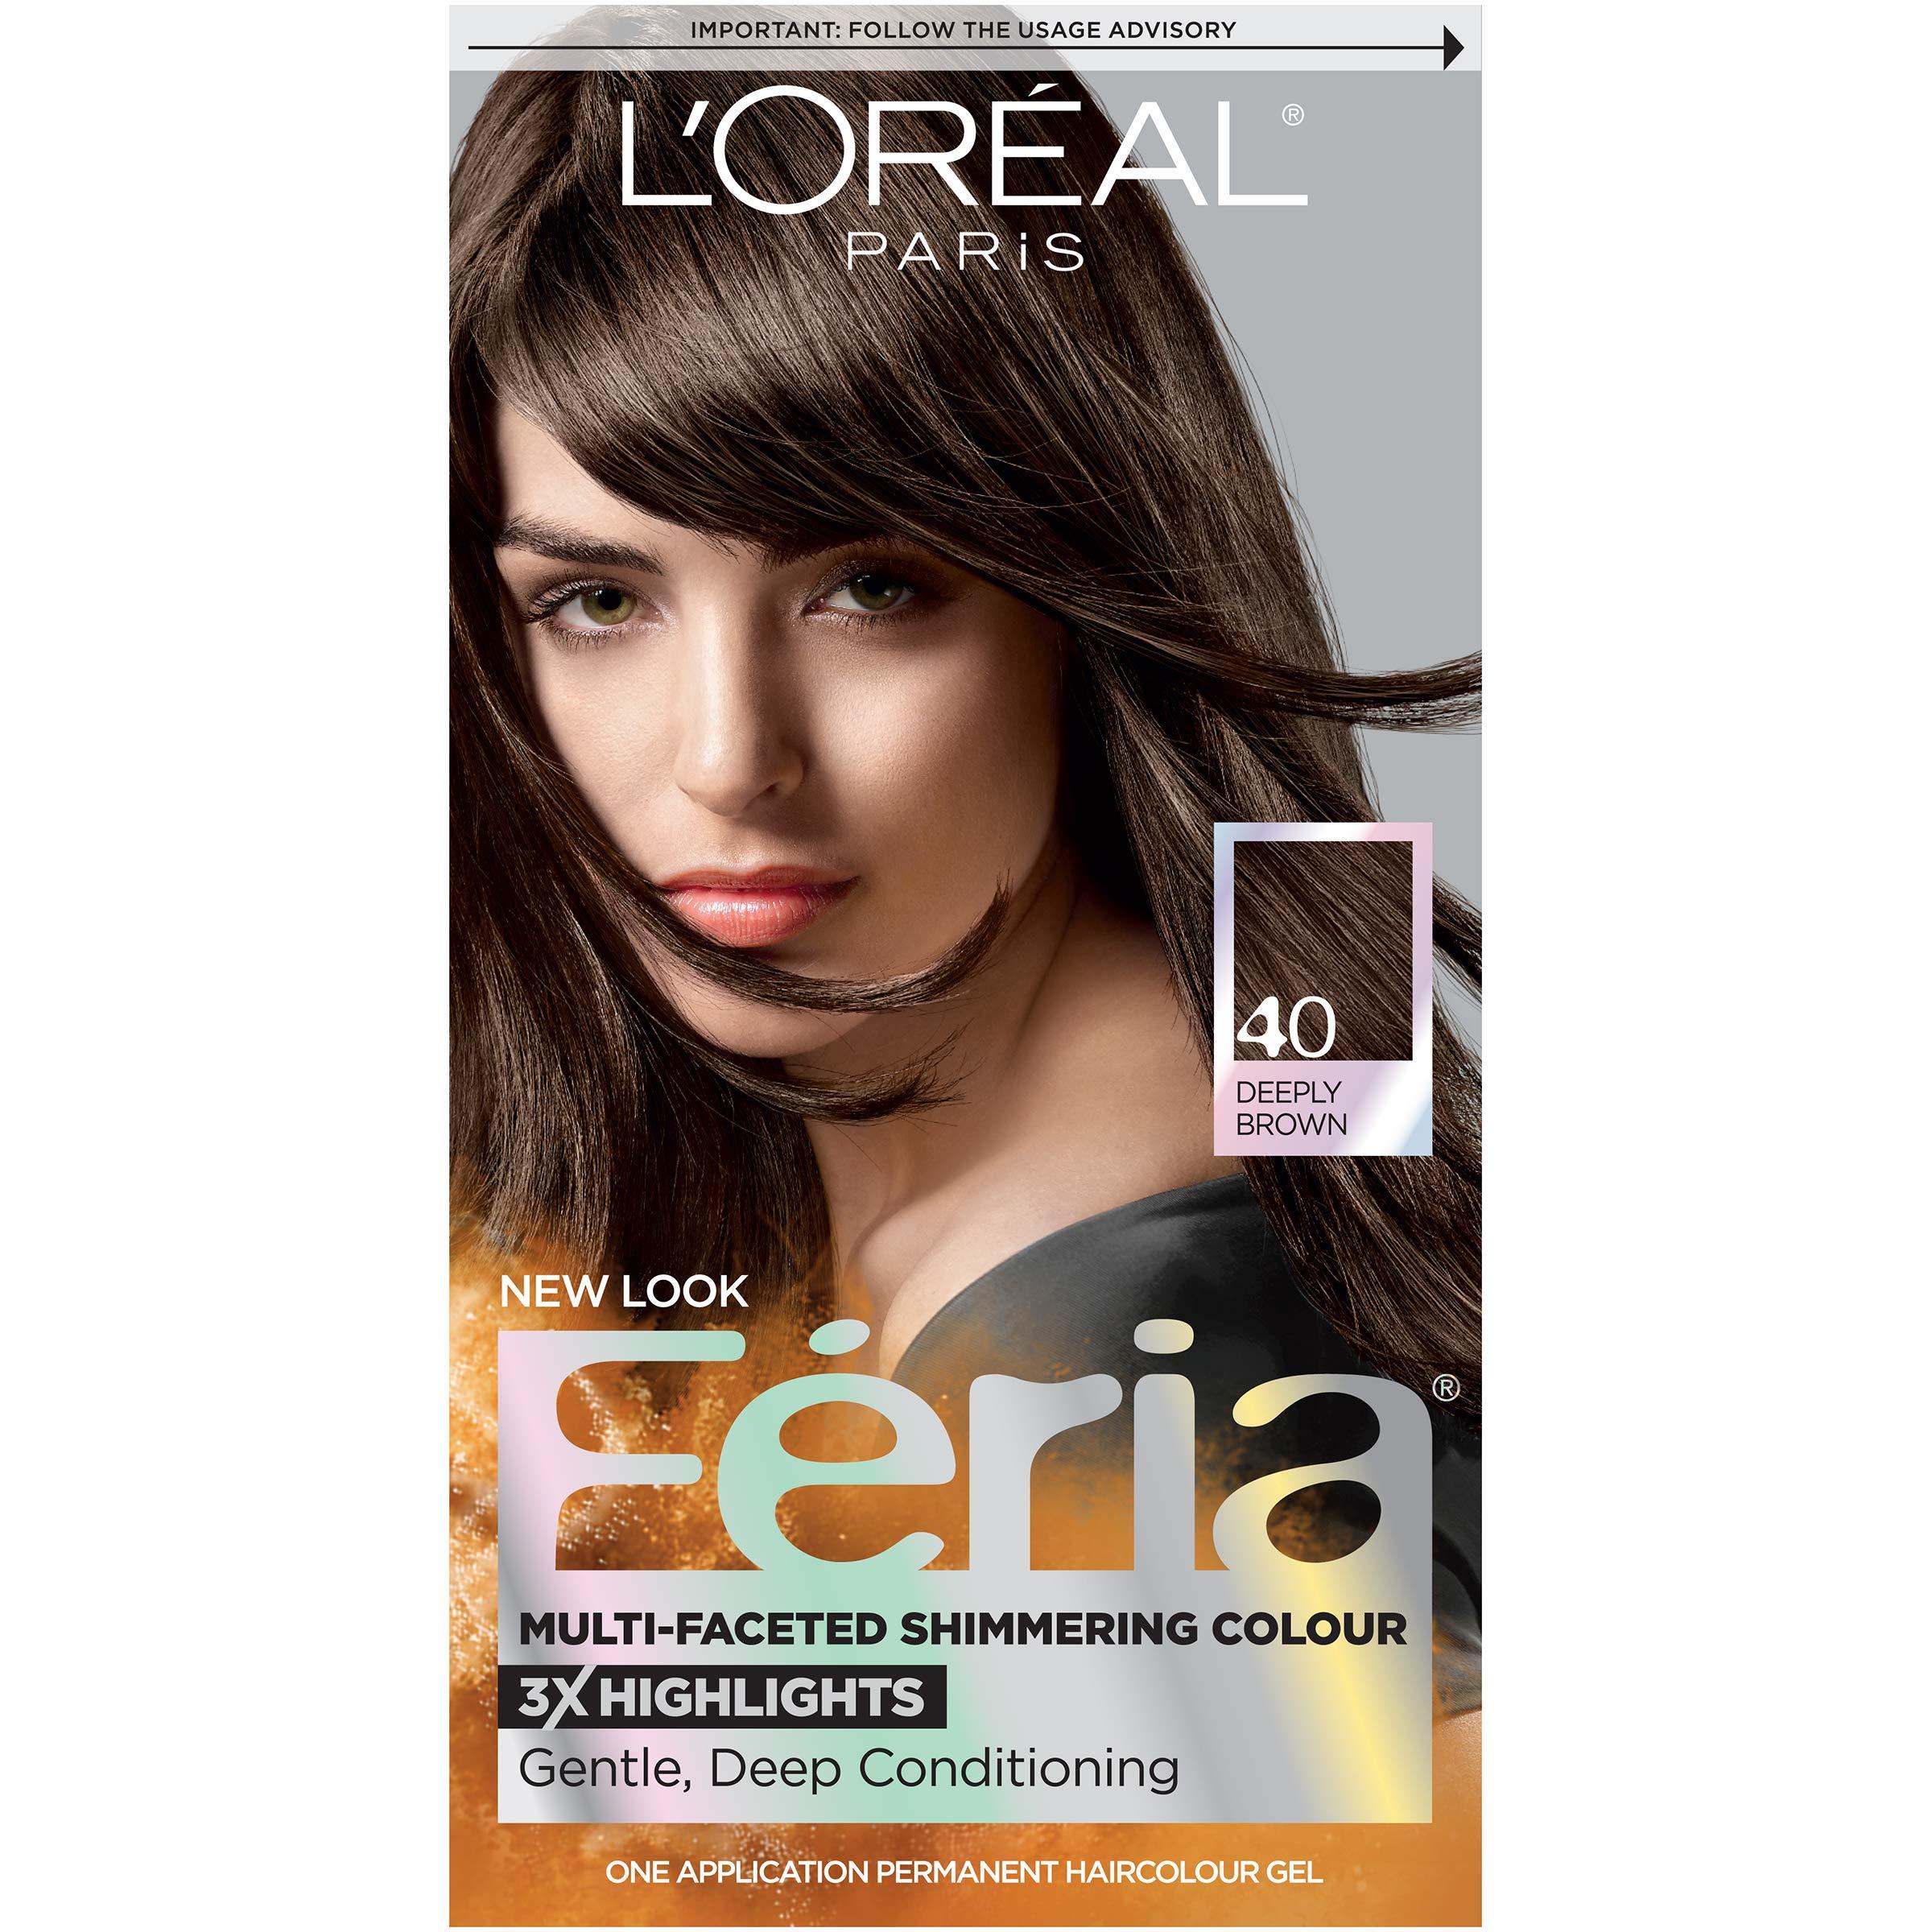 Amazon Loral Paris Feria Permanent Hair Color 45 French